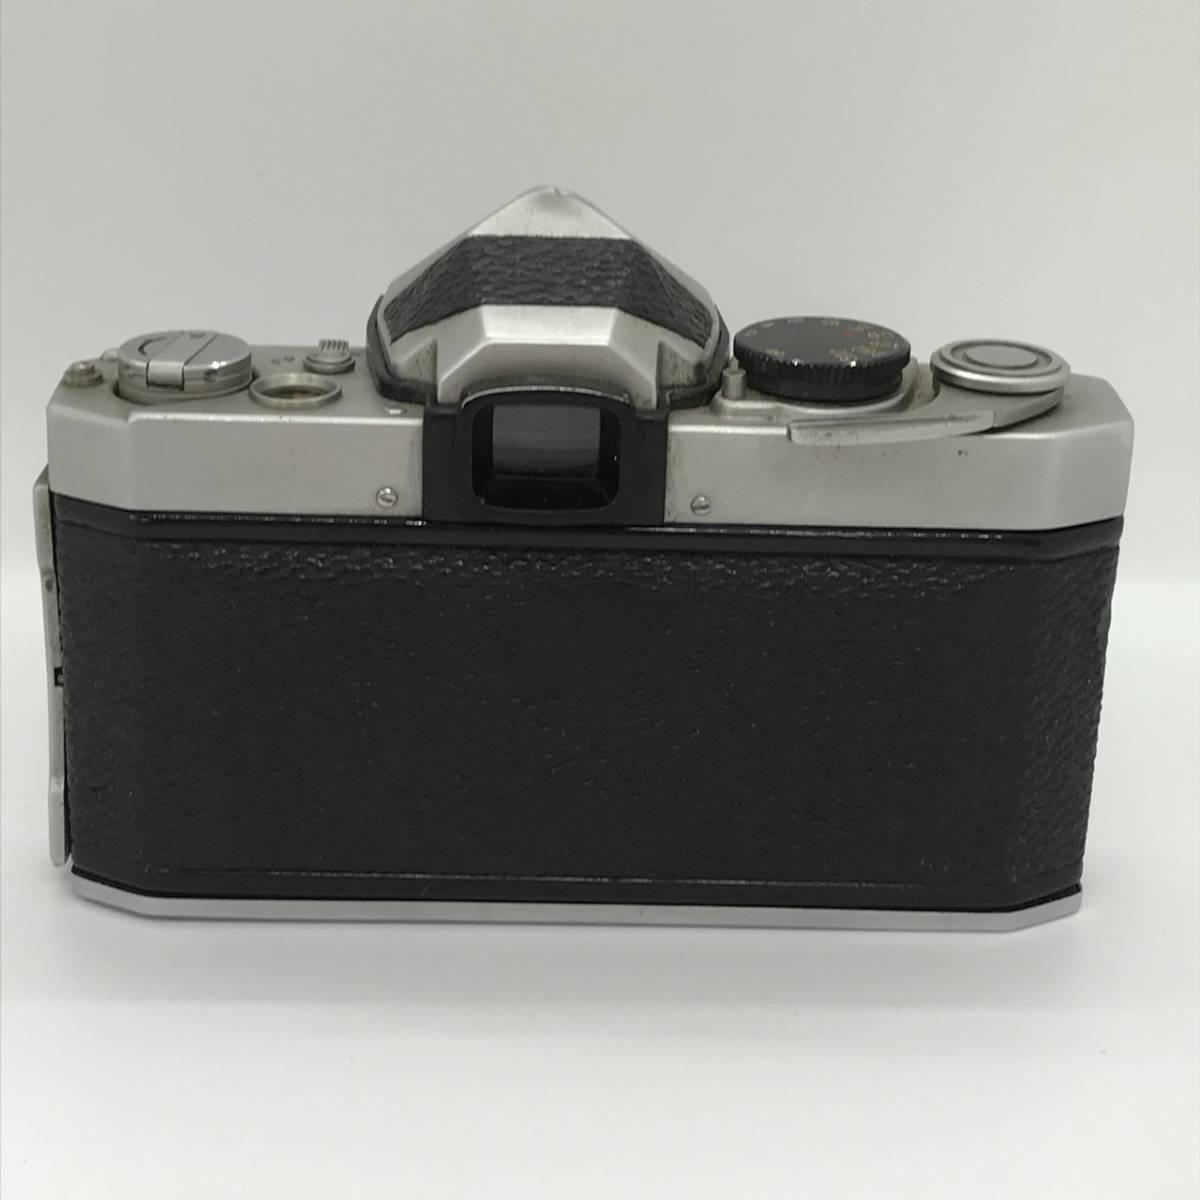 PETRI ペトリ フィルム カメラ Petri 1:2 f=55mm_画像3